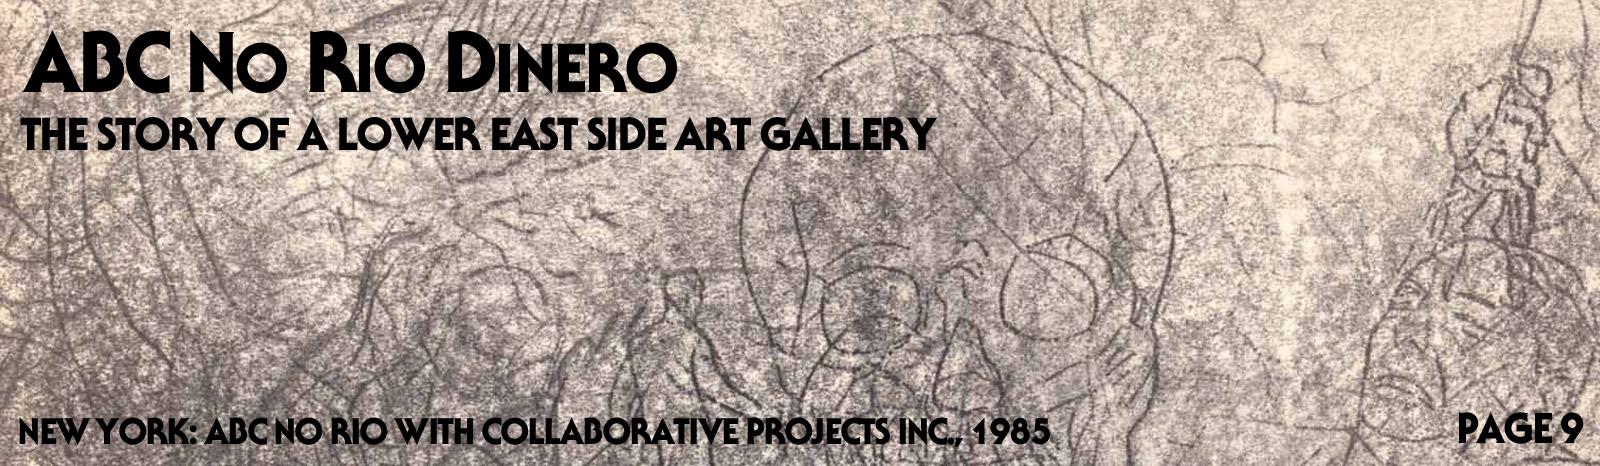 abc-no-rio-page-cover-9.jpg